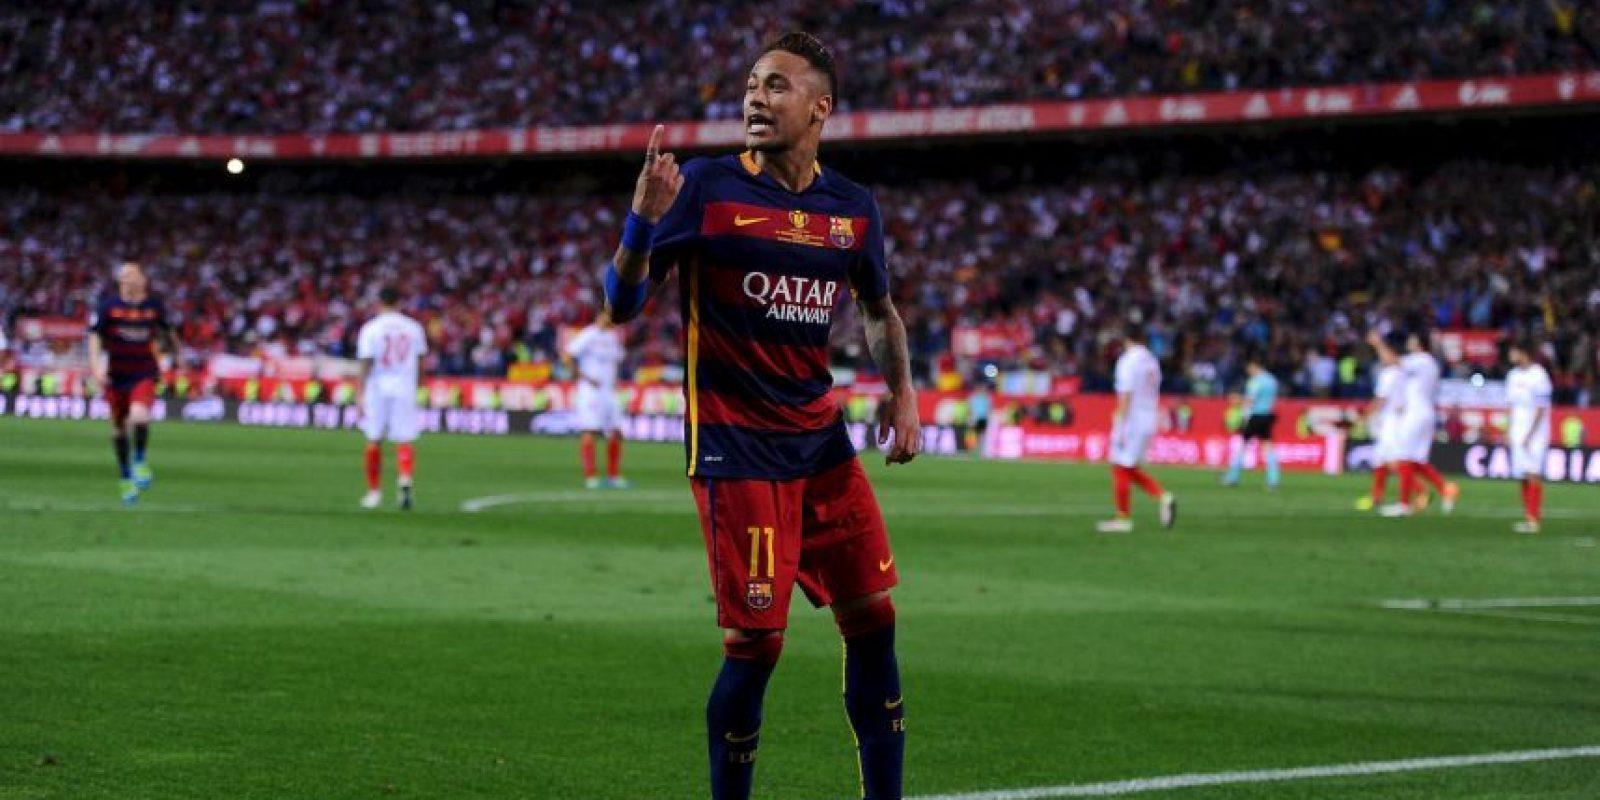 Neymar es parte de la temible 'MSN' de Barcelona, la que compone junto a Suárez y Messi Foto:Getty Images